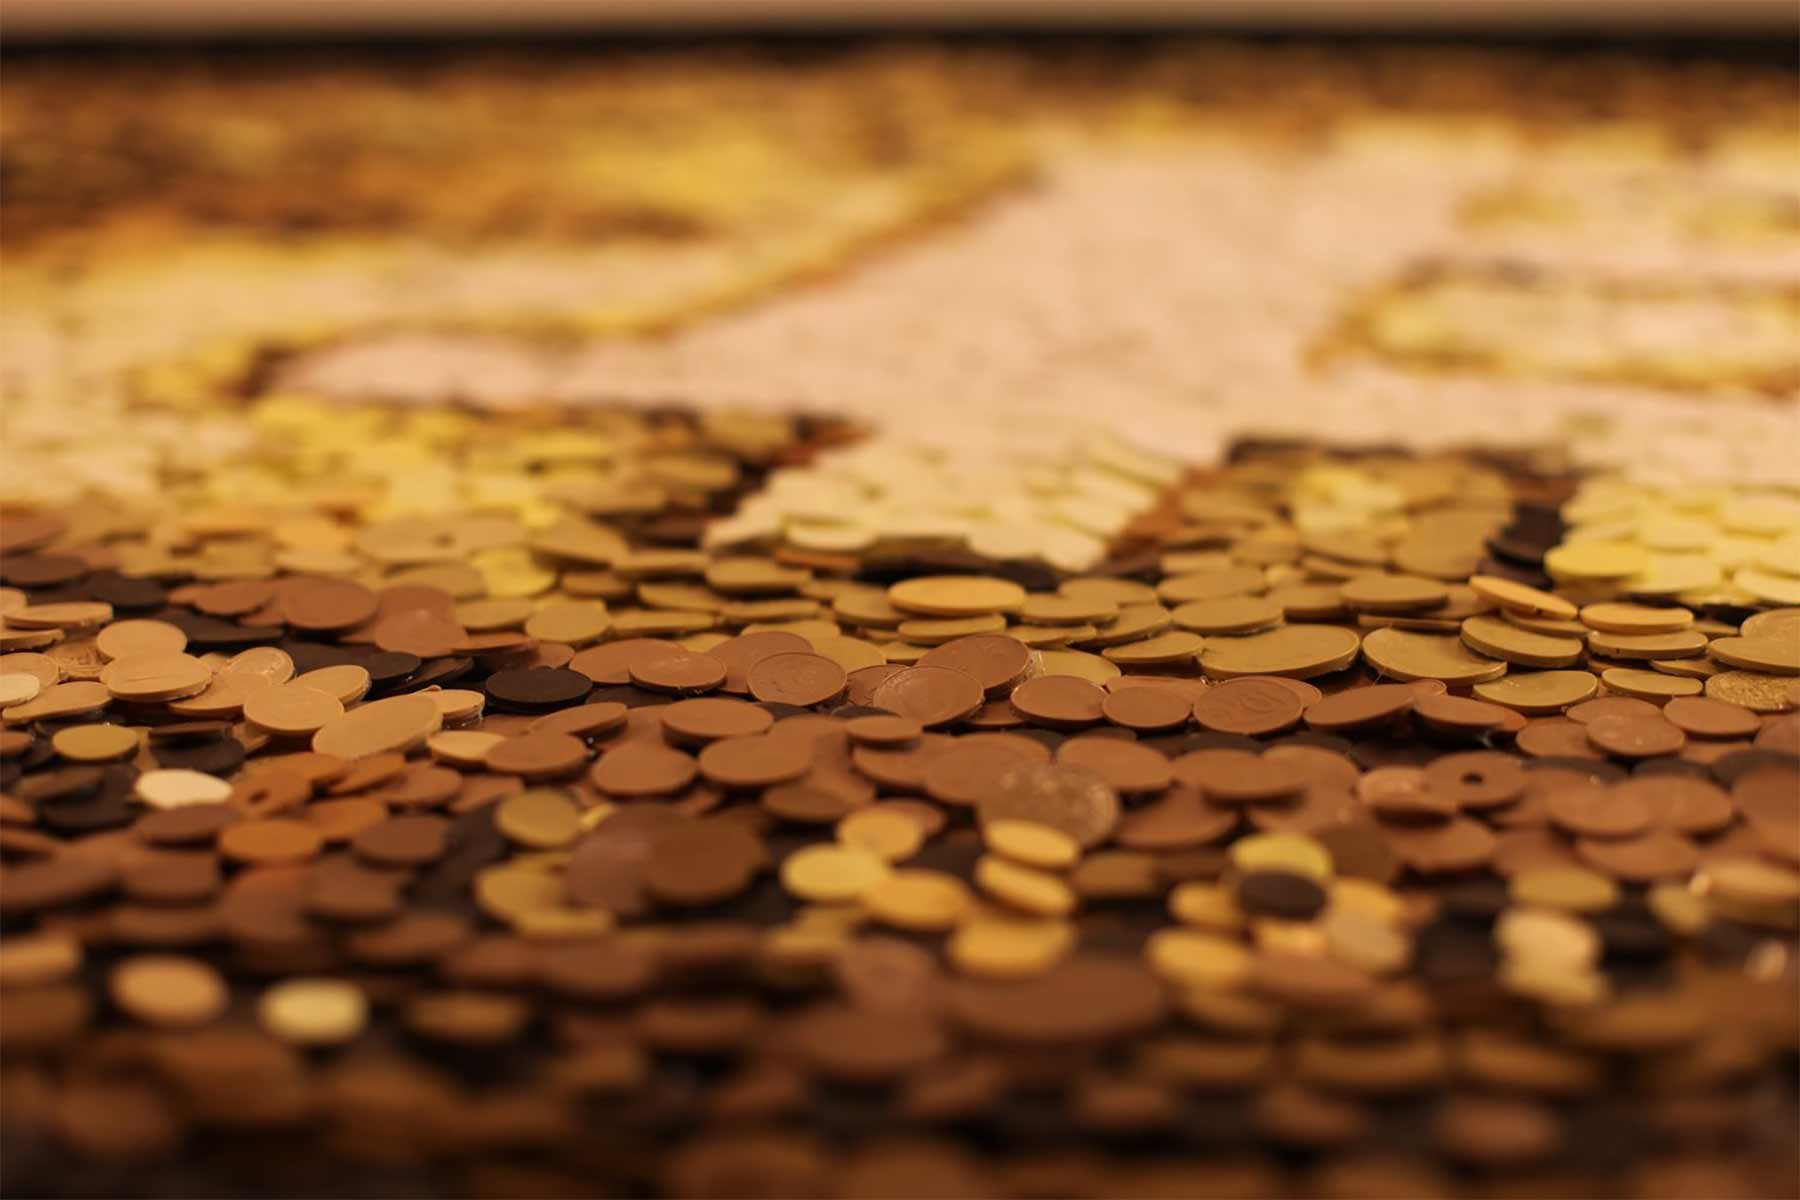 Mosaiks aus Tabletten, Münzen und Mittelfingern Kevin-Champeny-mosaik_05